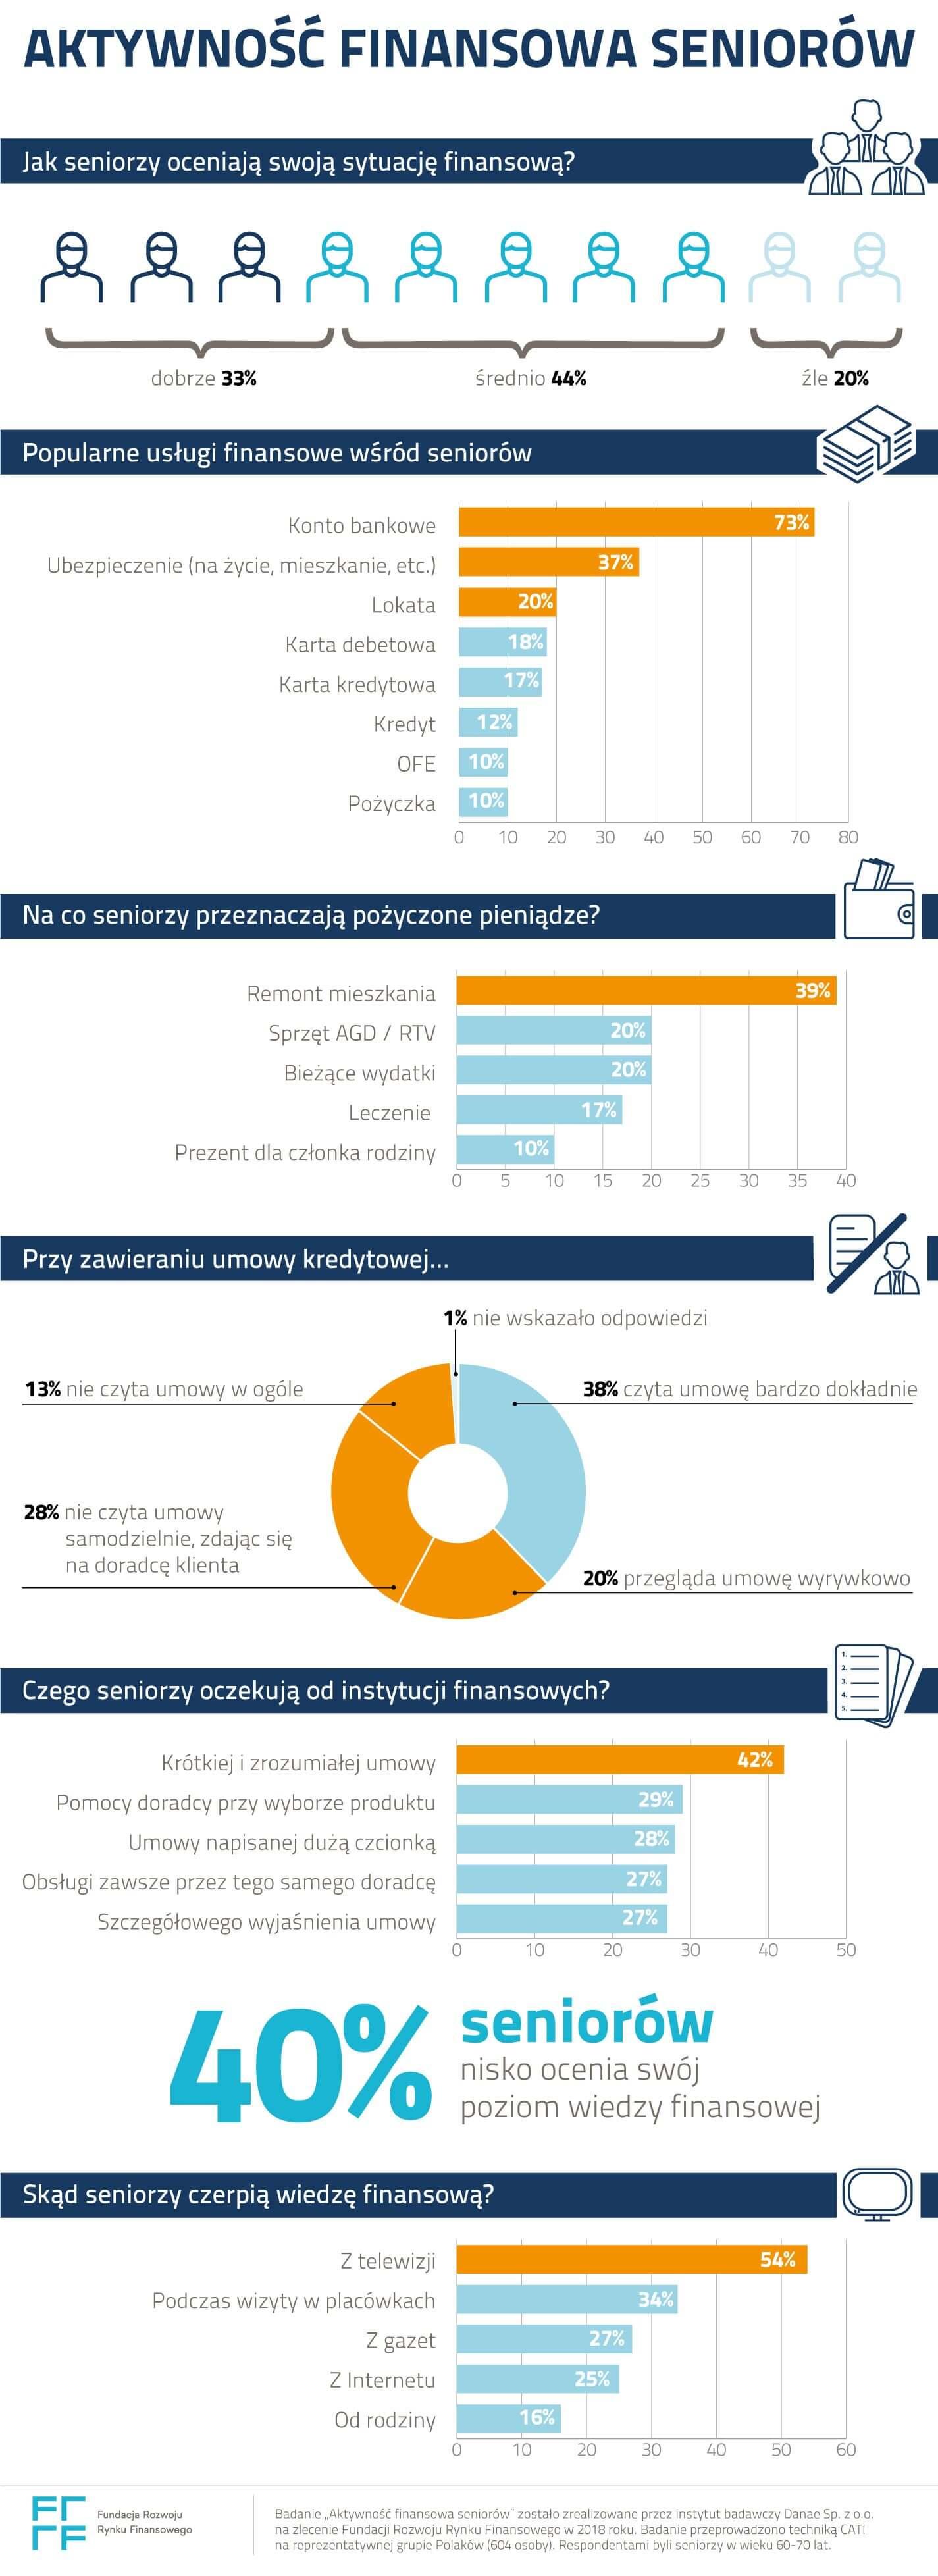 Sytuacja finansowa seniorów - infografika